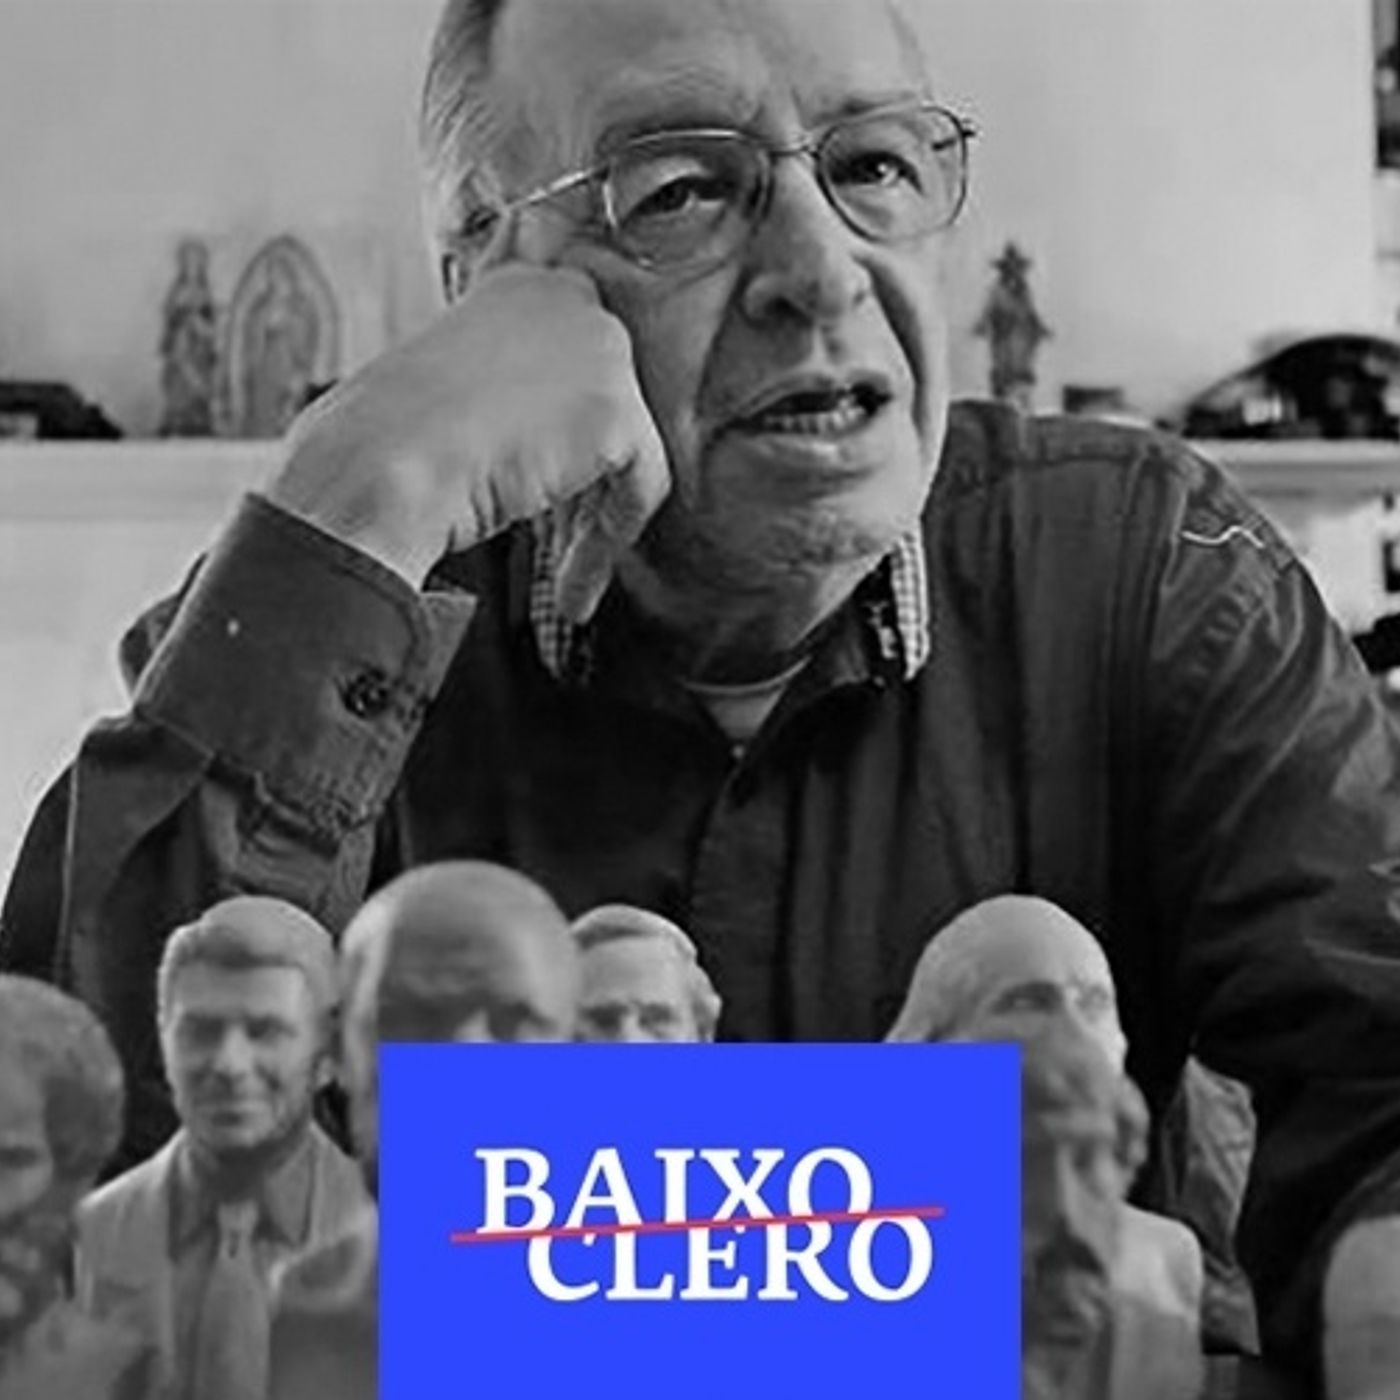 #24: Conservadorismo ou atraso: como está a cultura nacional sob Bolsonaro